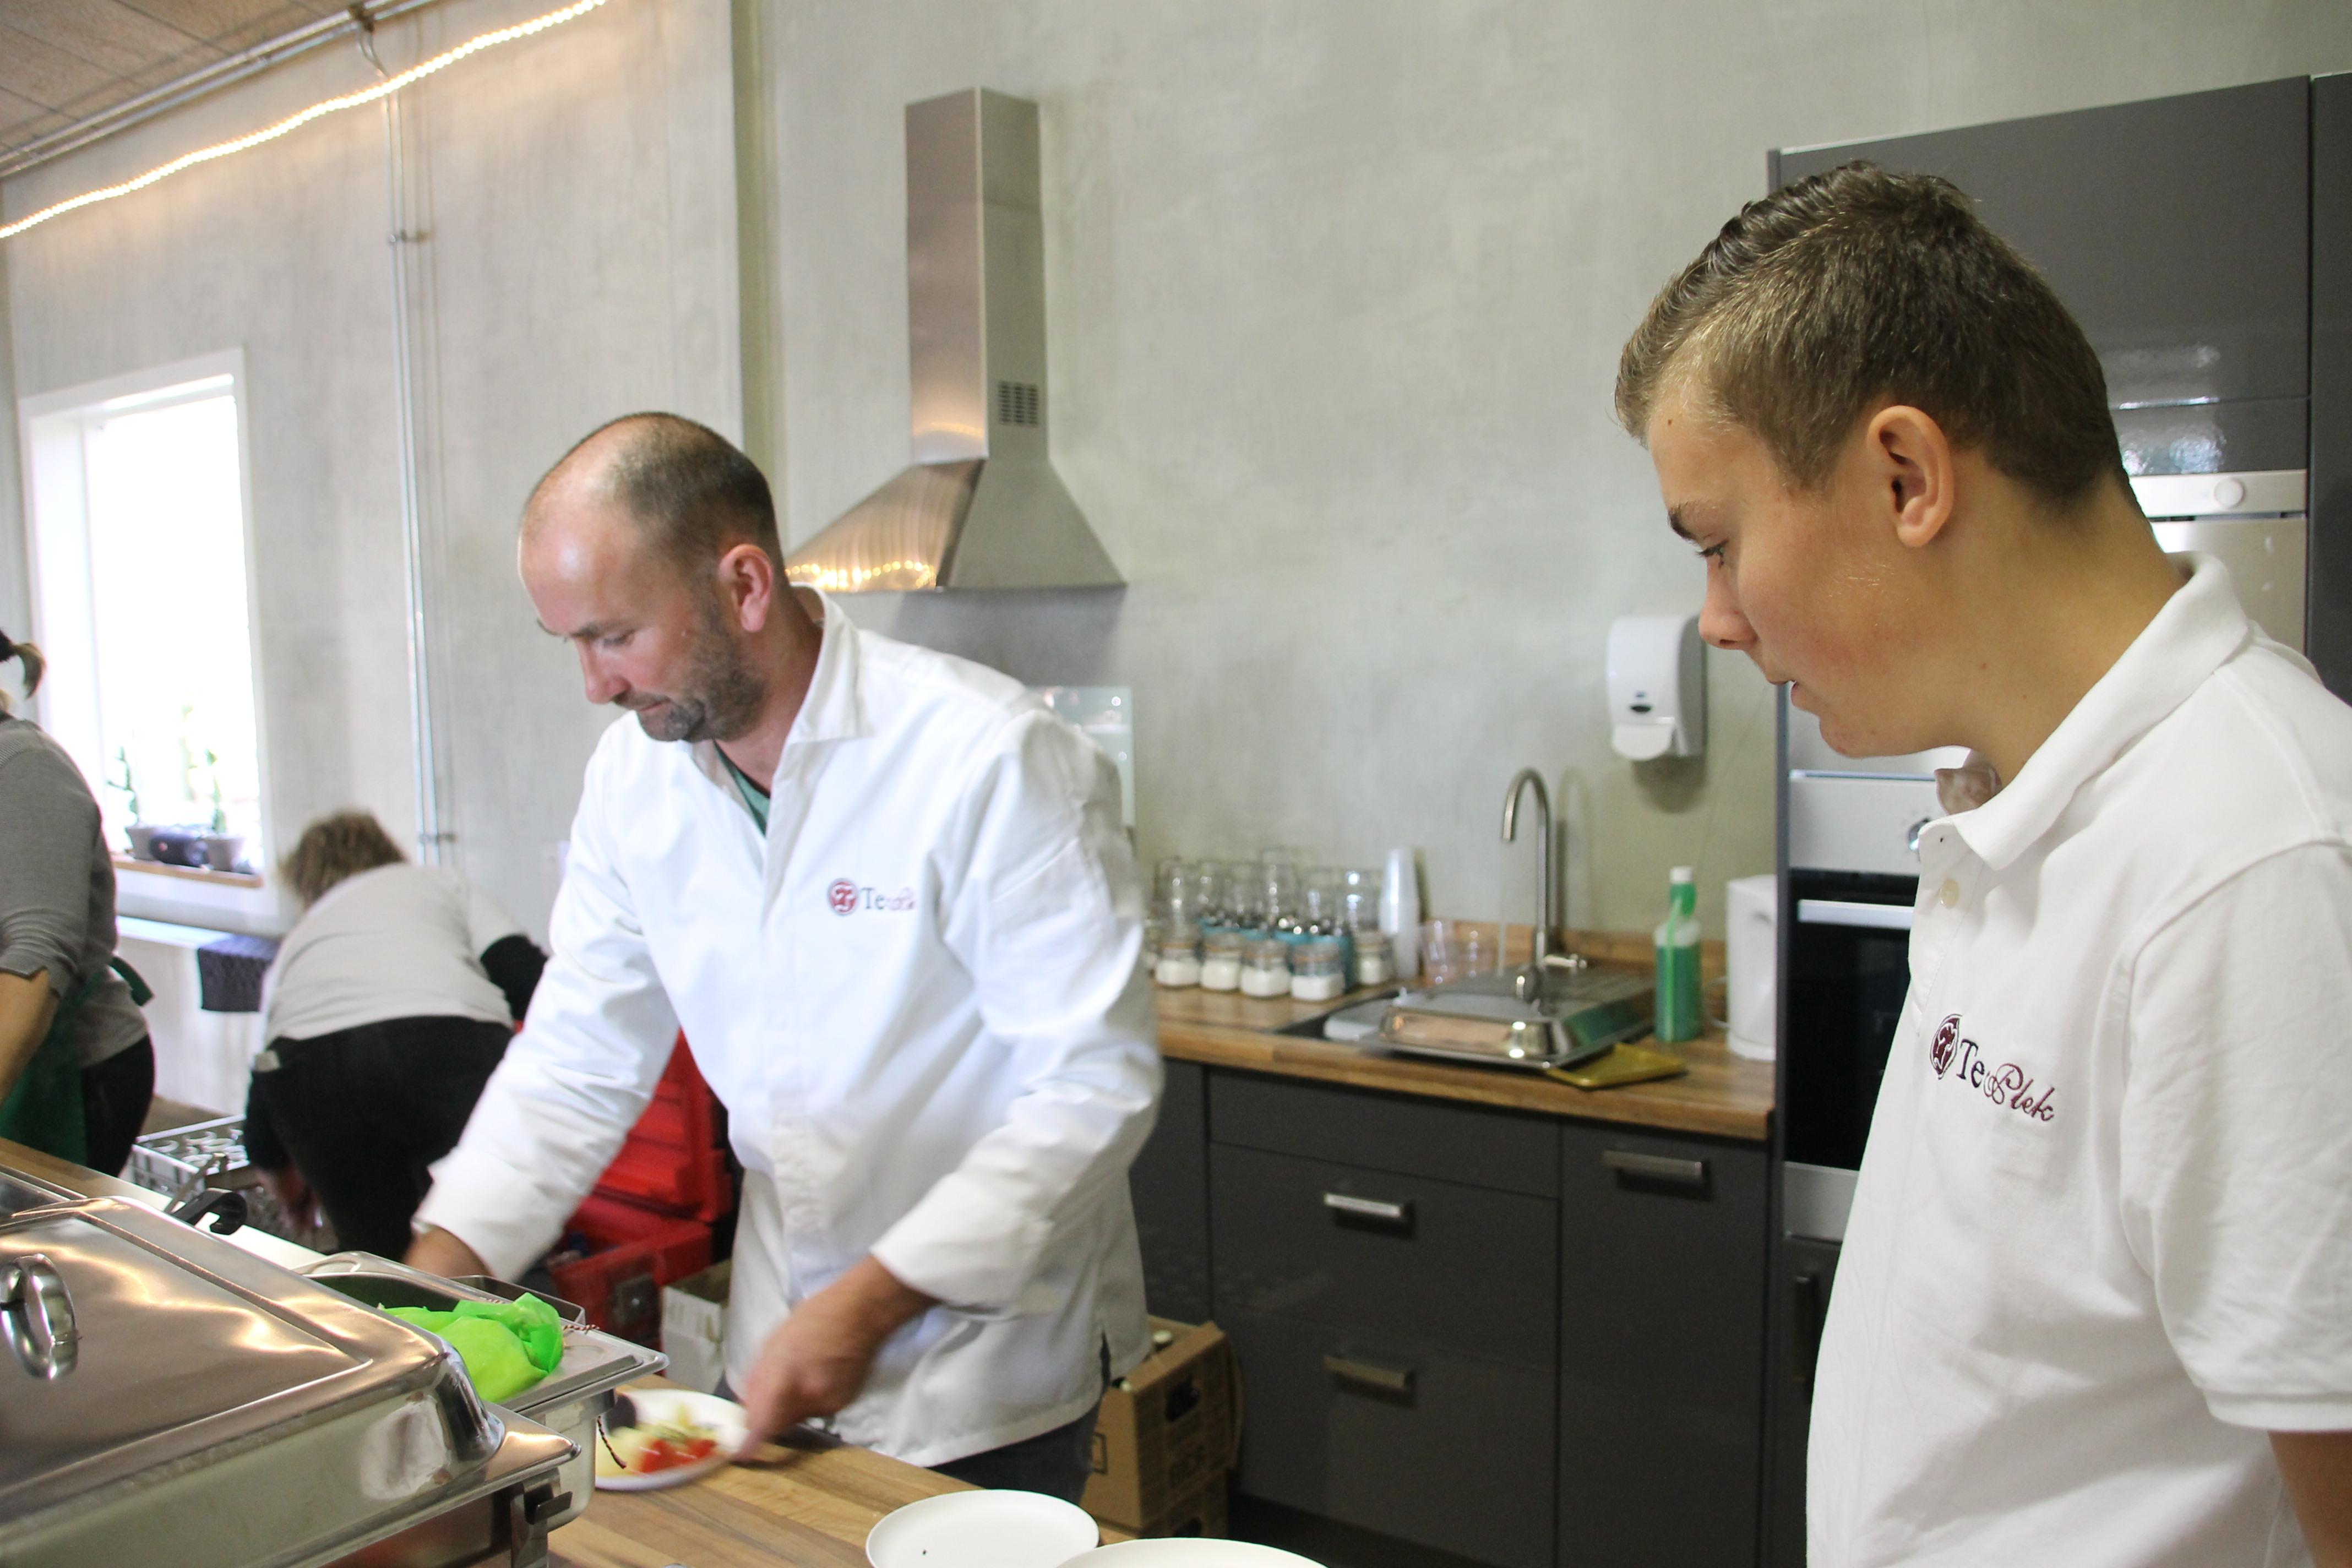 Te Plek Catering: dé cateringtrends zijn gezonde voeding en maatwerk